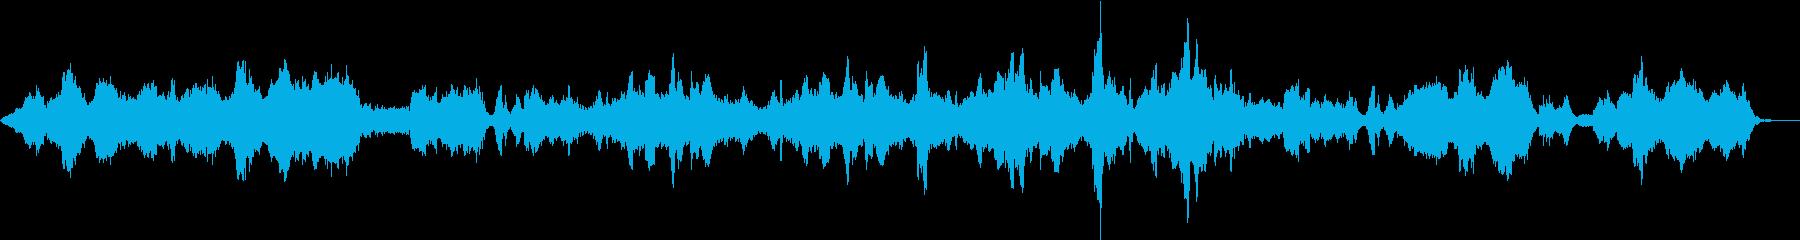 ゆったりしたストリングスアンサンブルの再生済みの波形